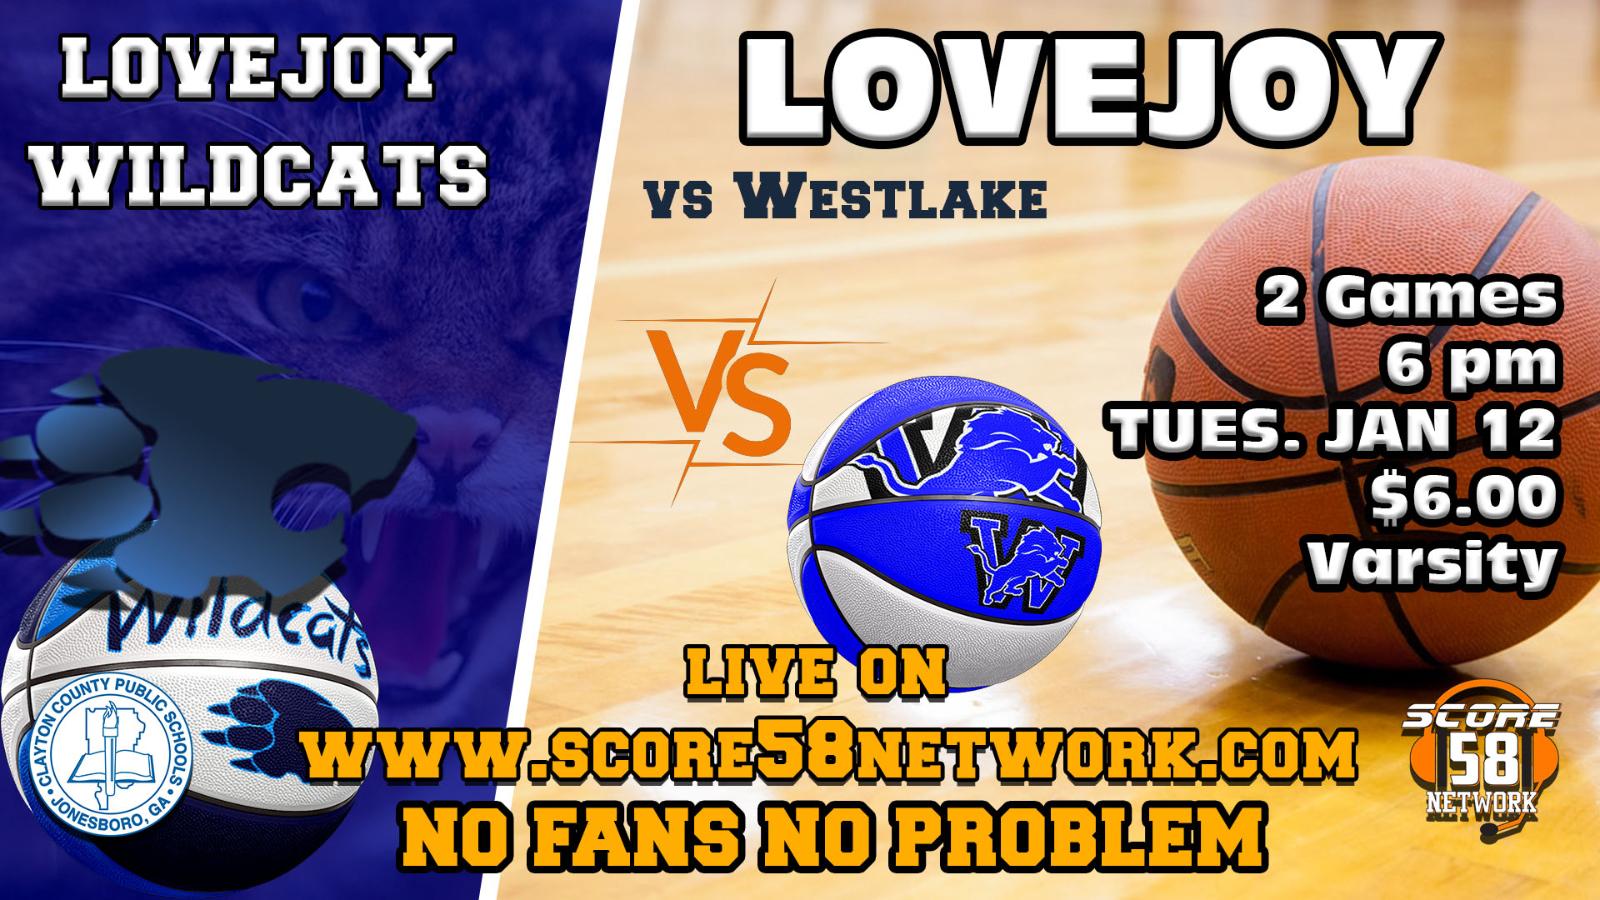 Lovejoy vs Westlake